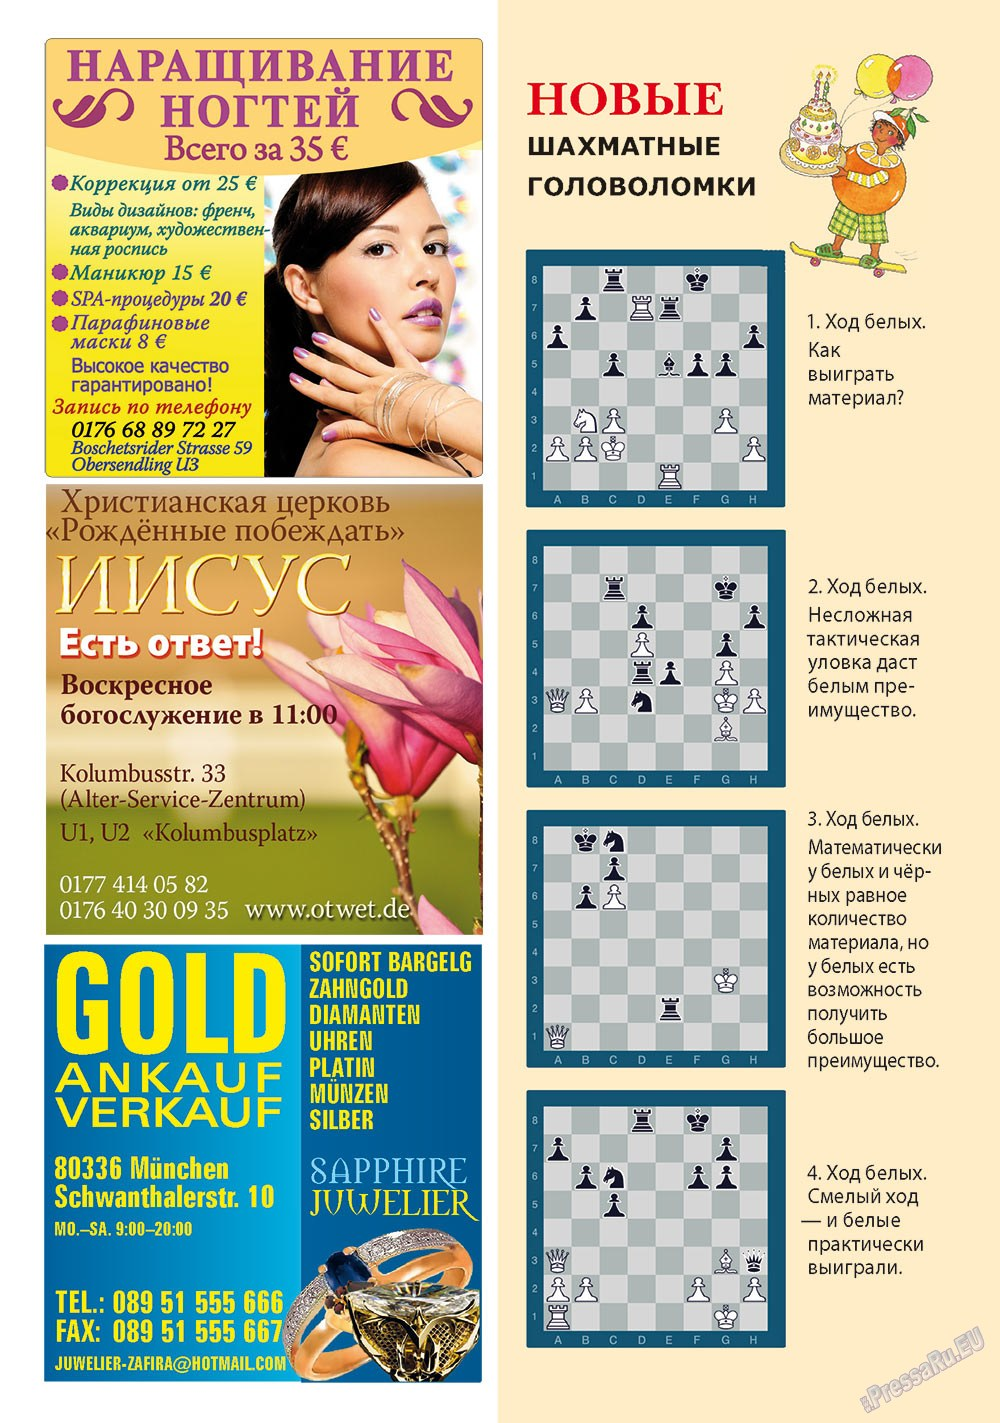 Апельсин (журнал). 2011 год, номер 25, стр. 47